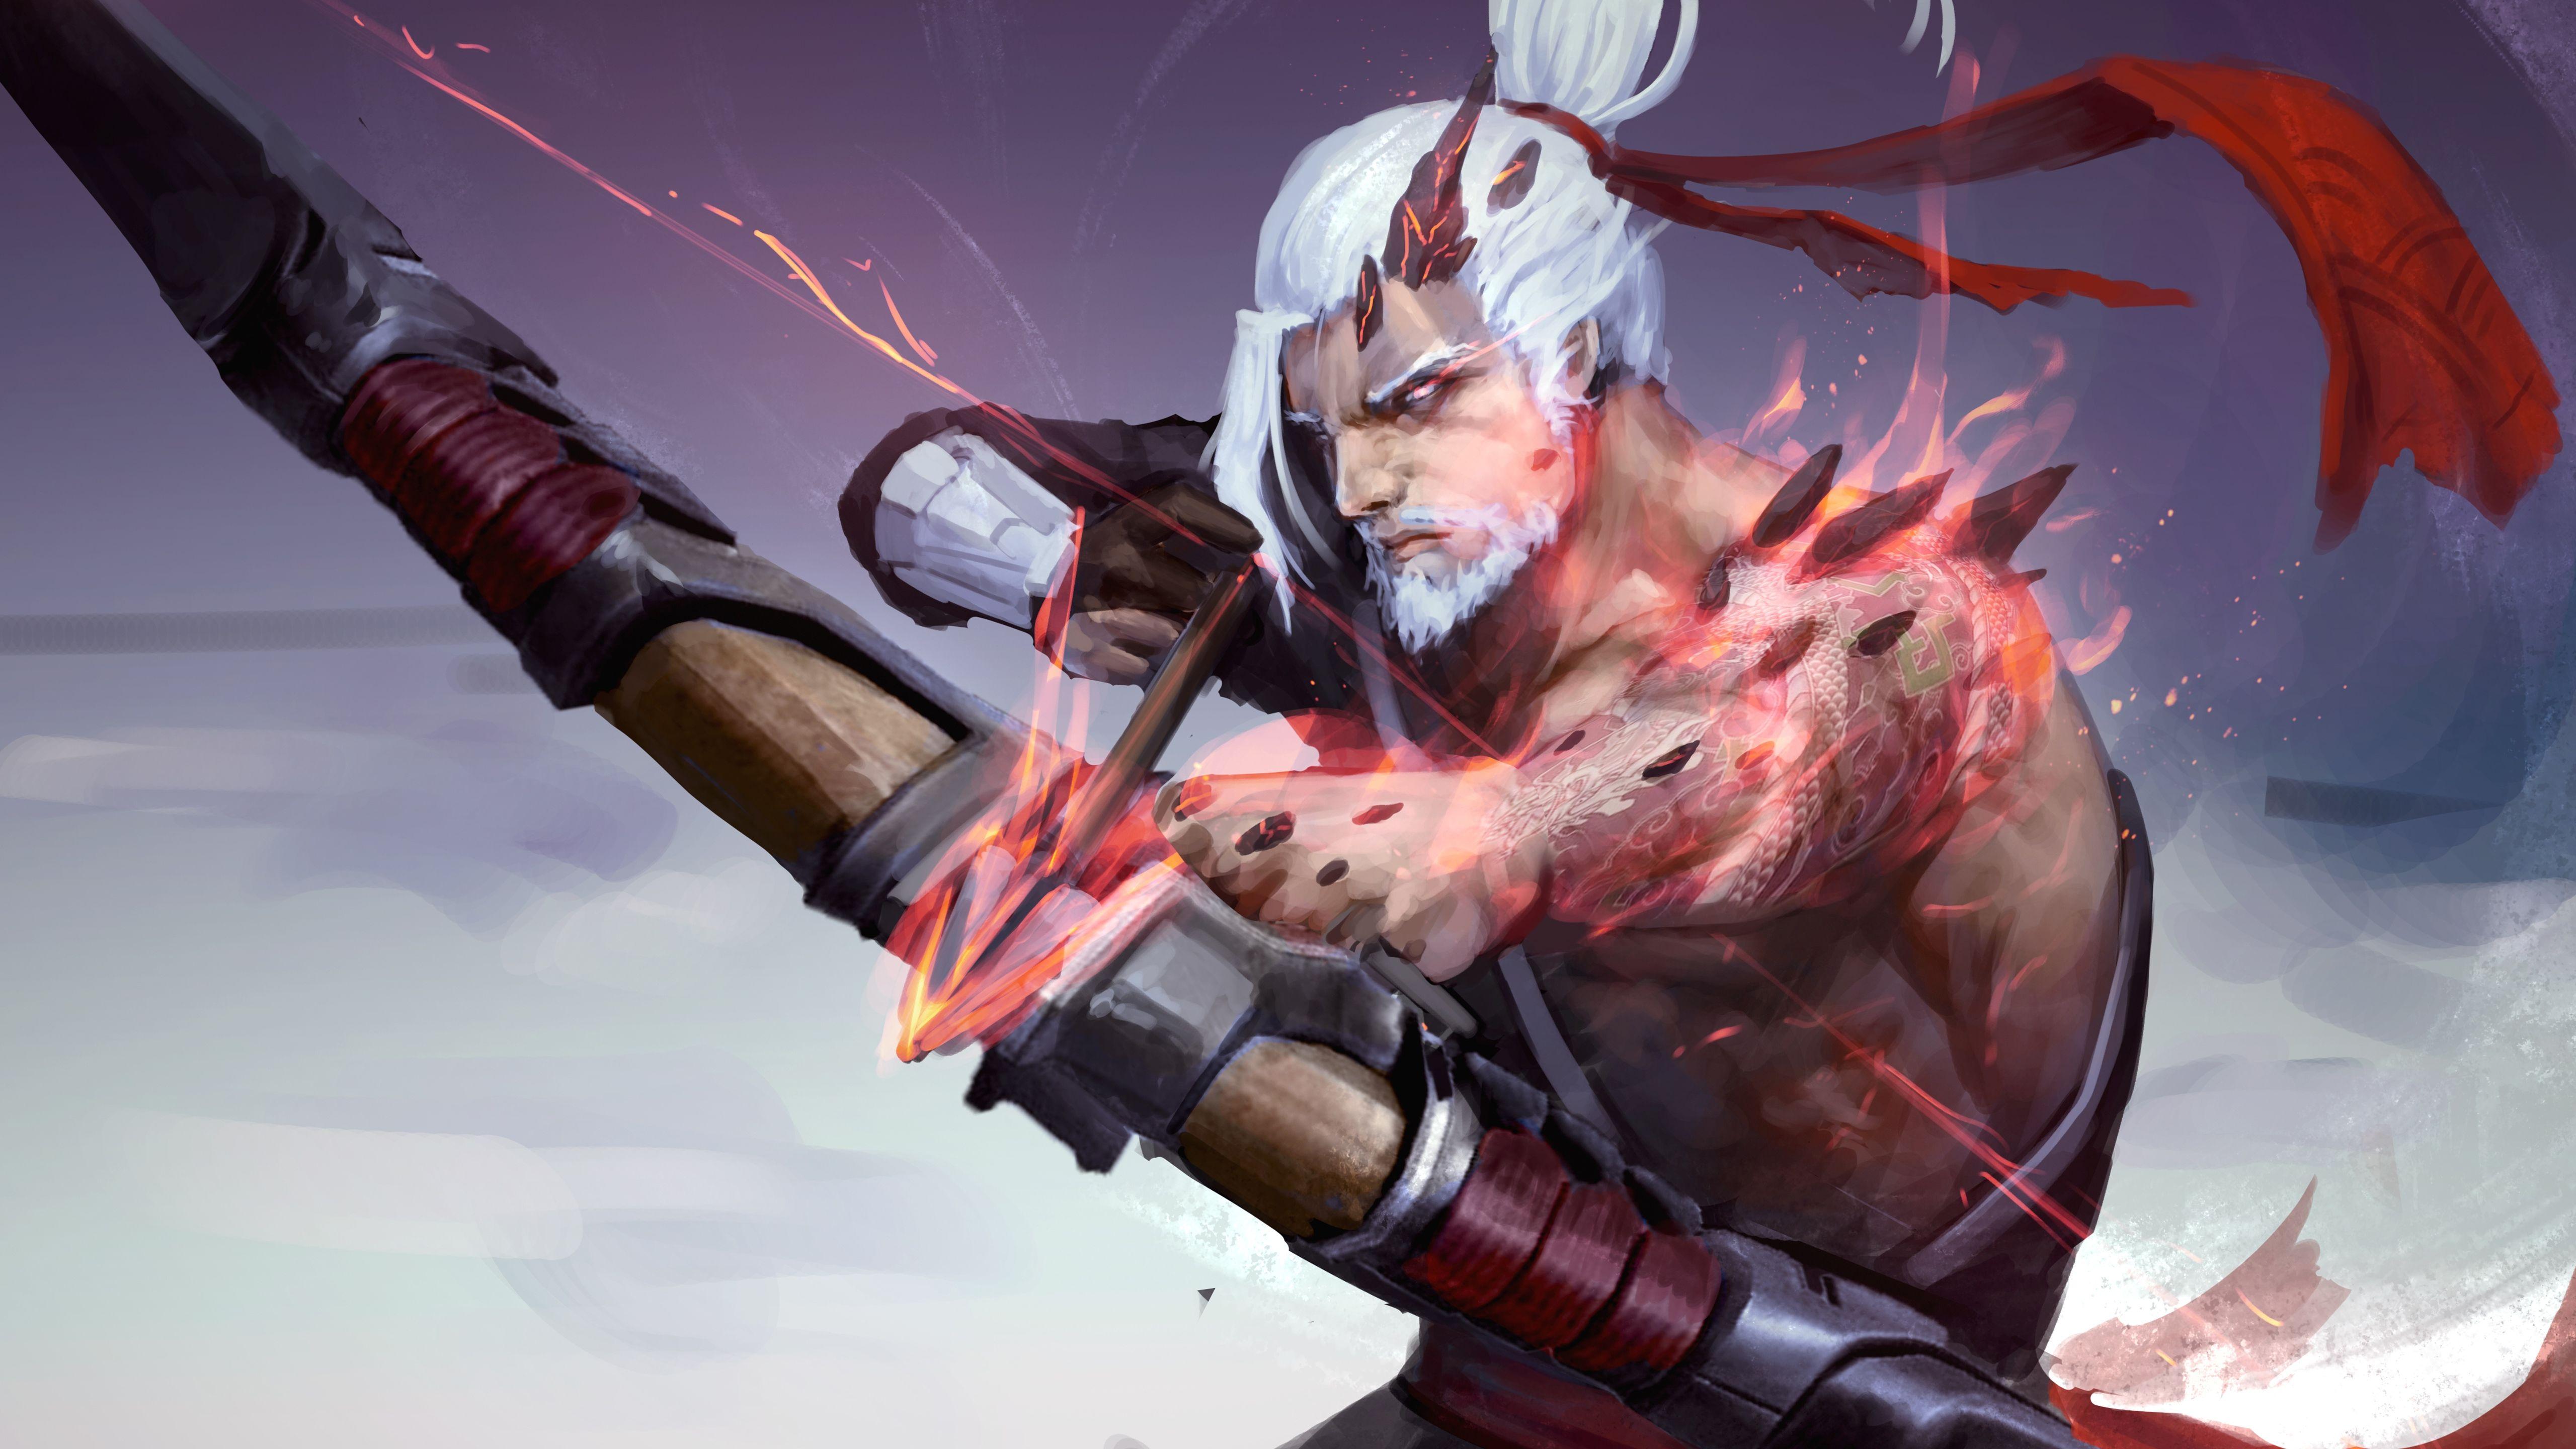 Cool Demon Hanzo Overwatch 5K 5120x2880 wallpaper